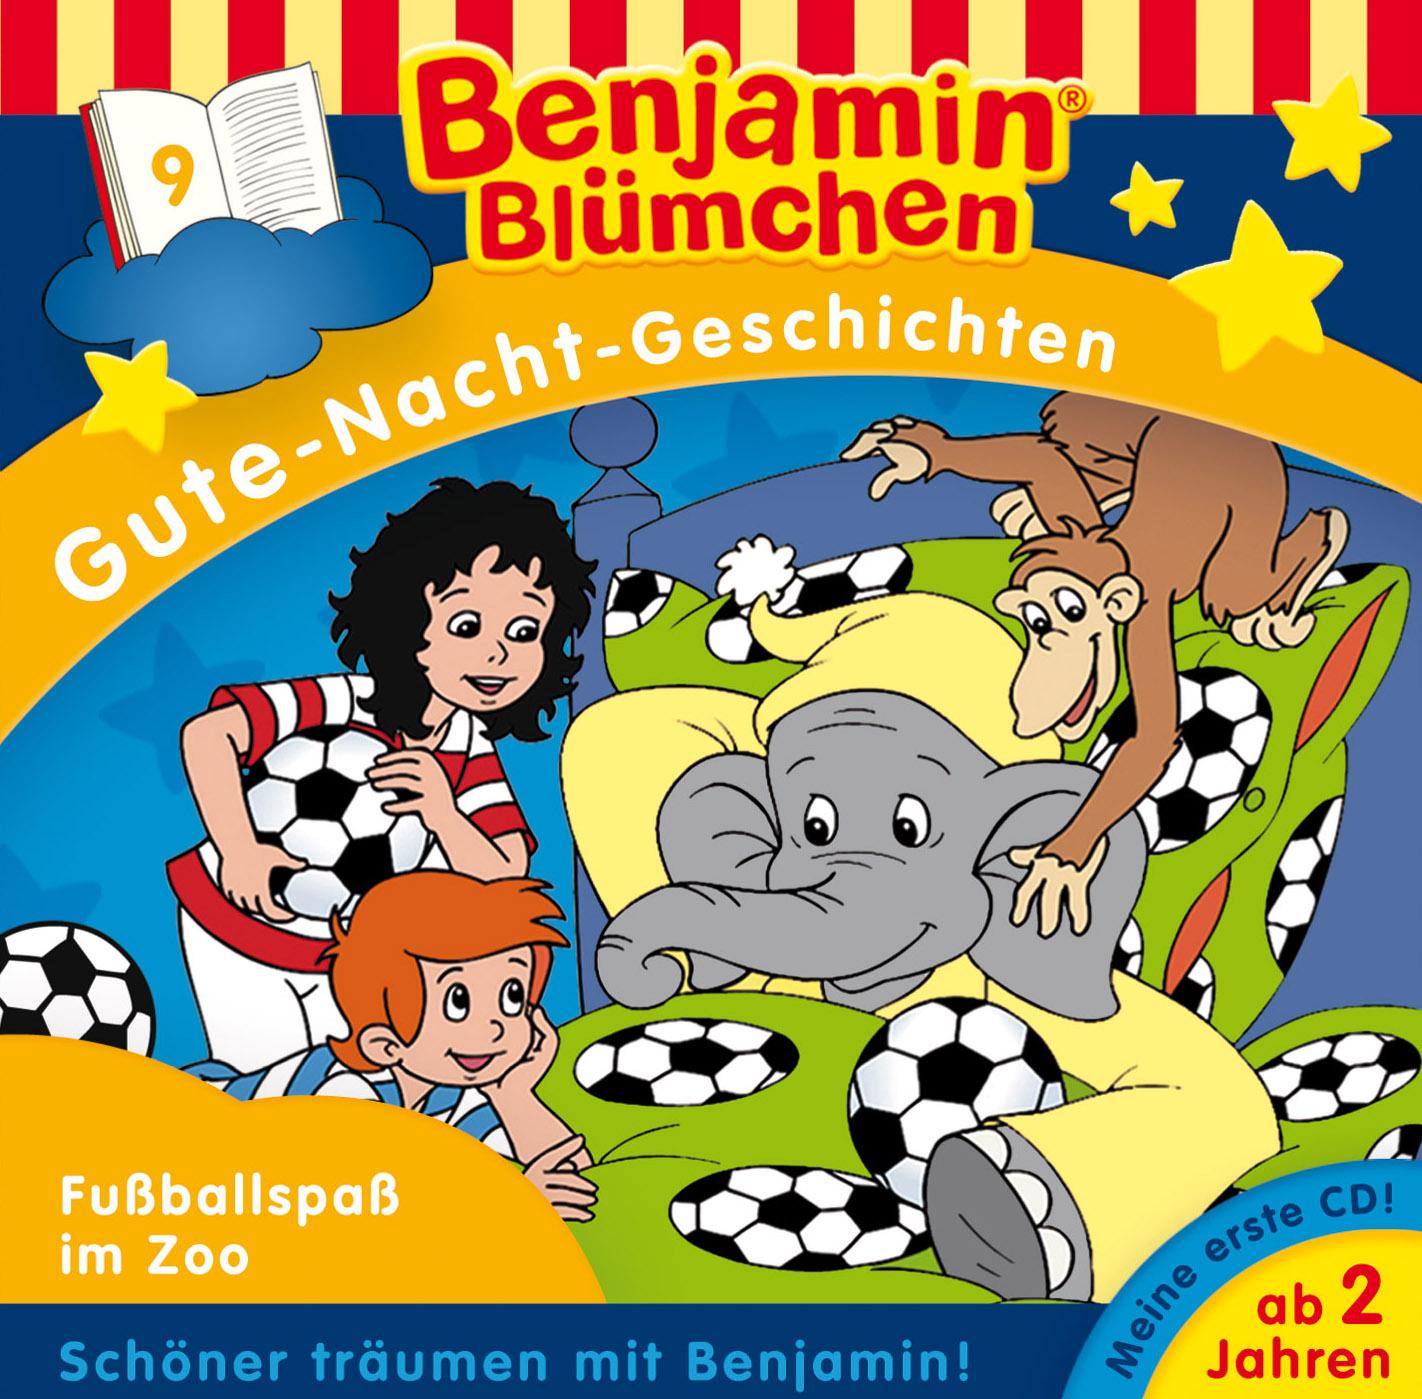 Benjamin Blümchen Fußballspaß im Zoo (Folge 9)